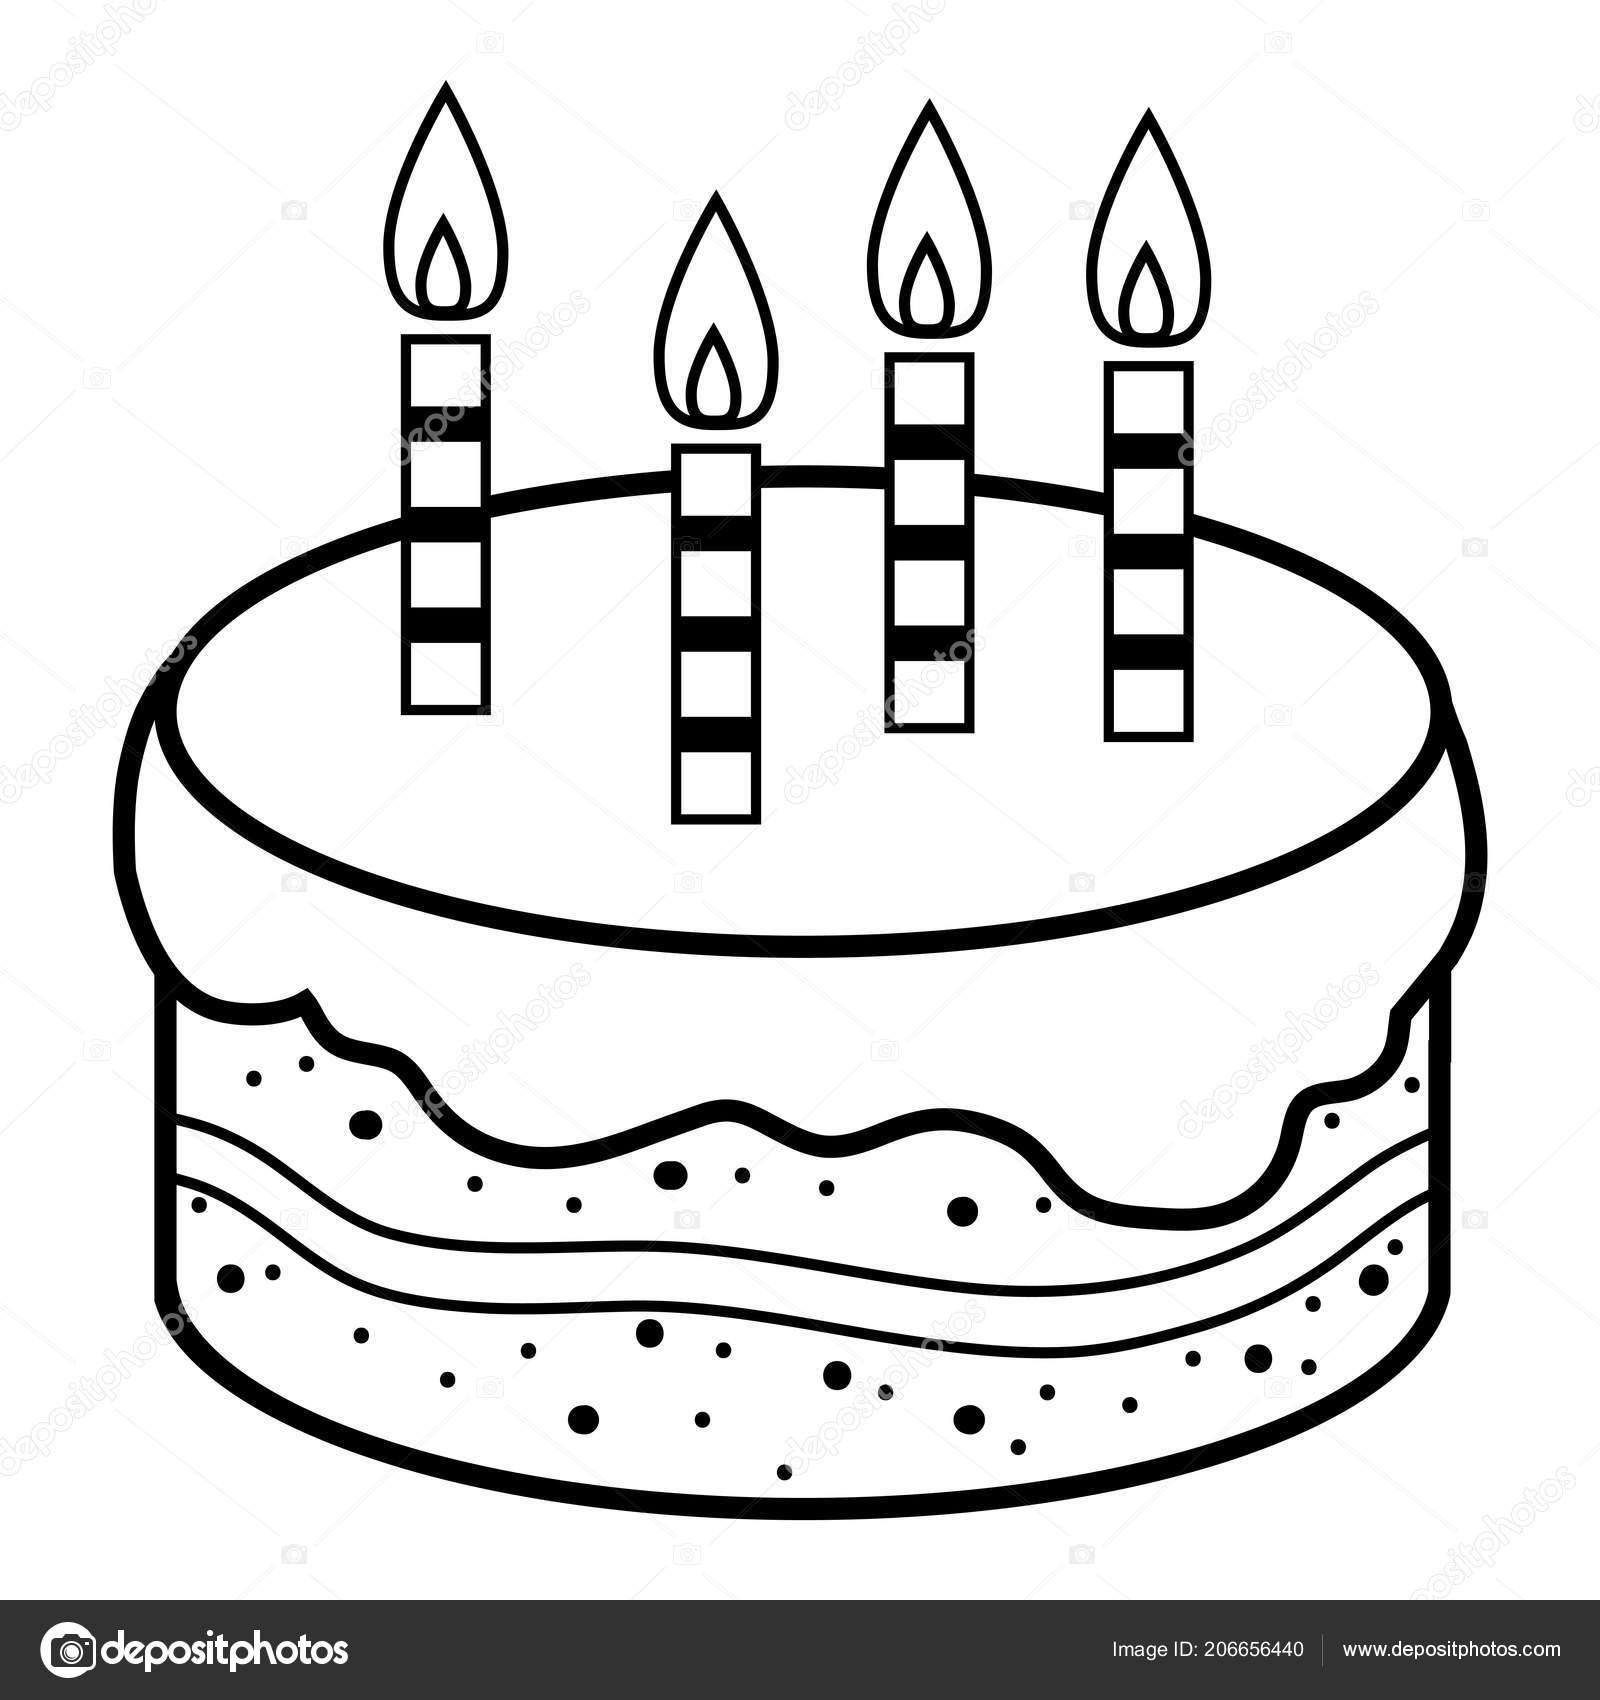 Coloriage Gateau Cake.Livre Coloriage Pour Les Enfants Gateau Anniversaire Image